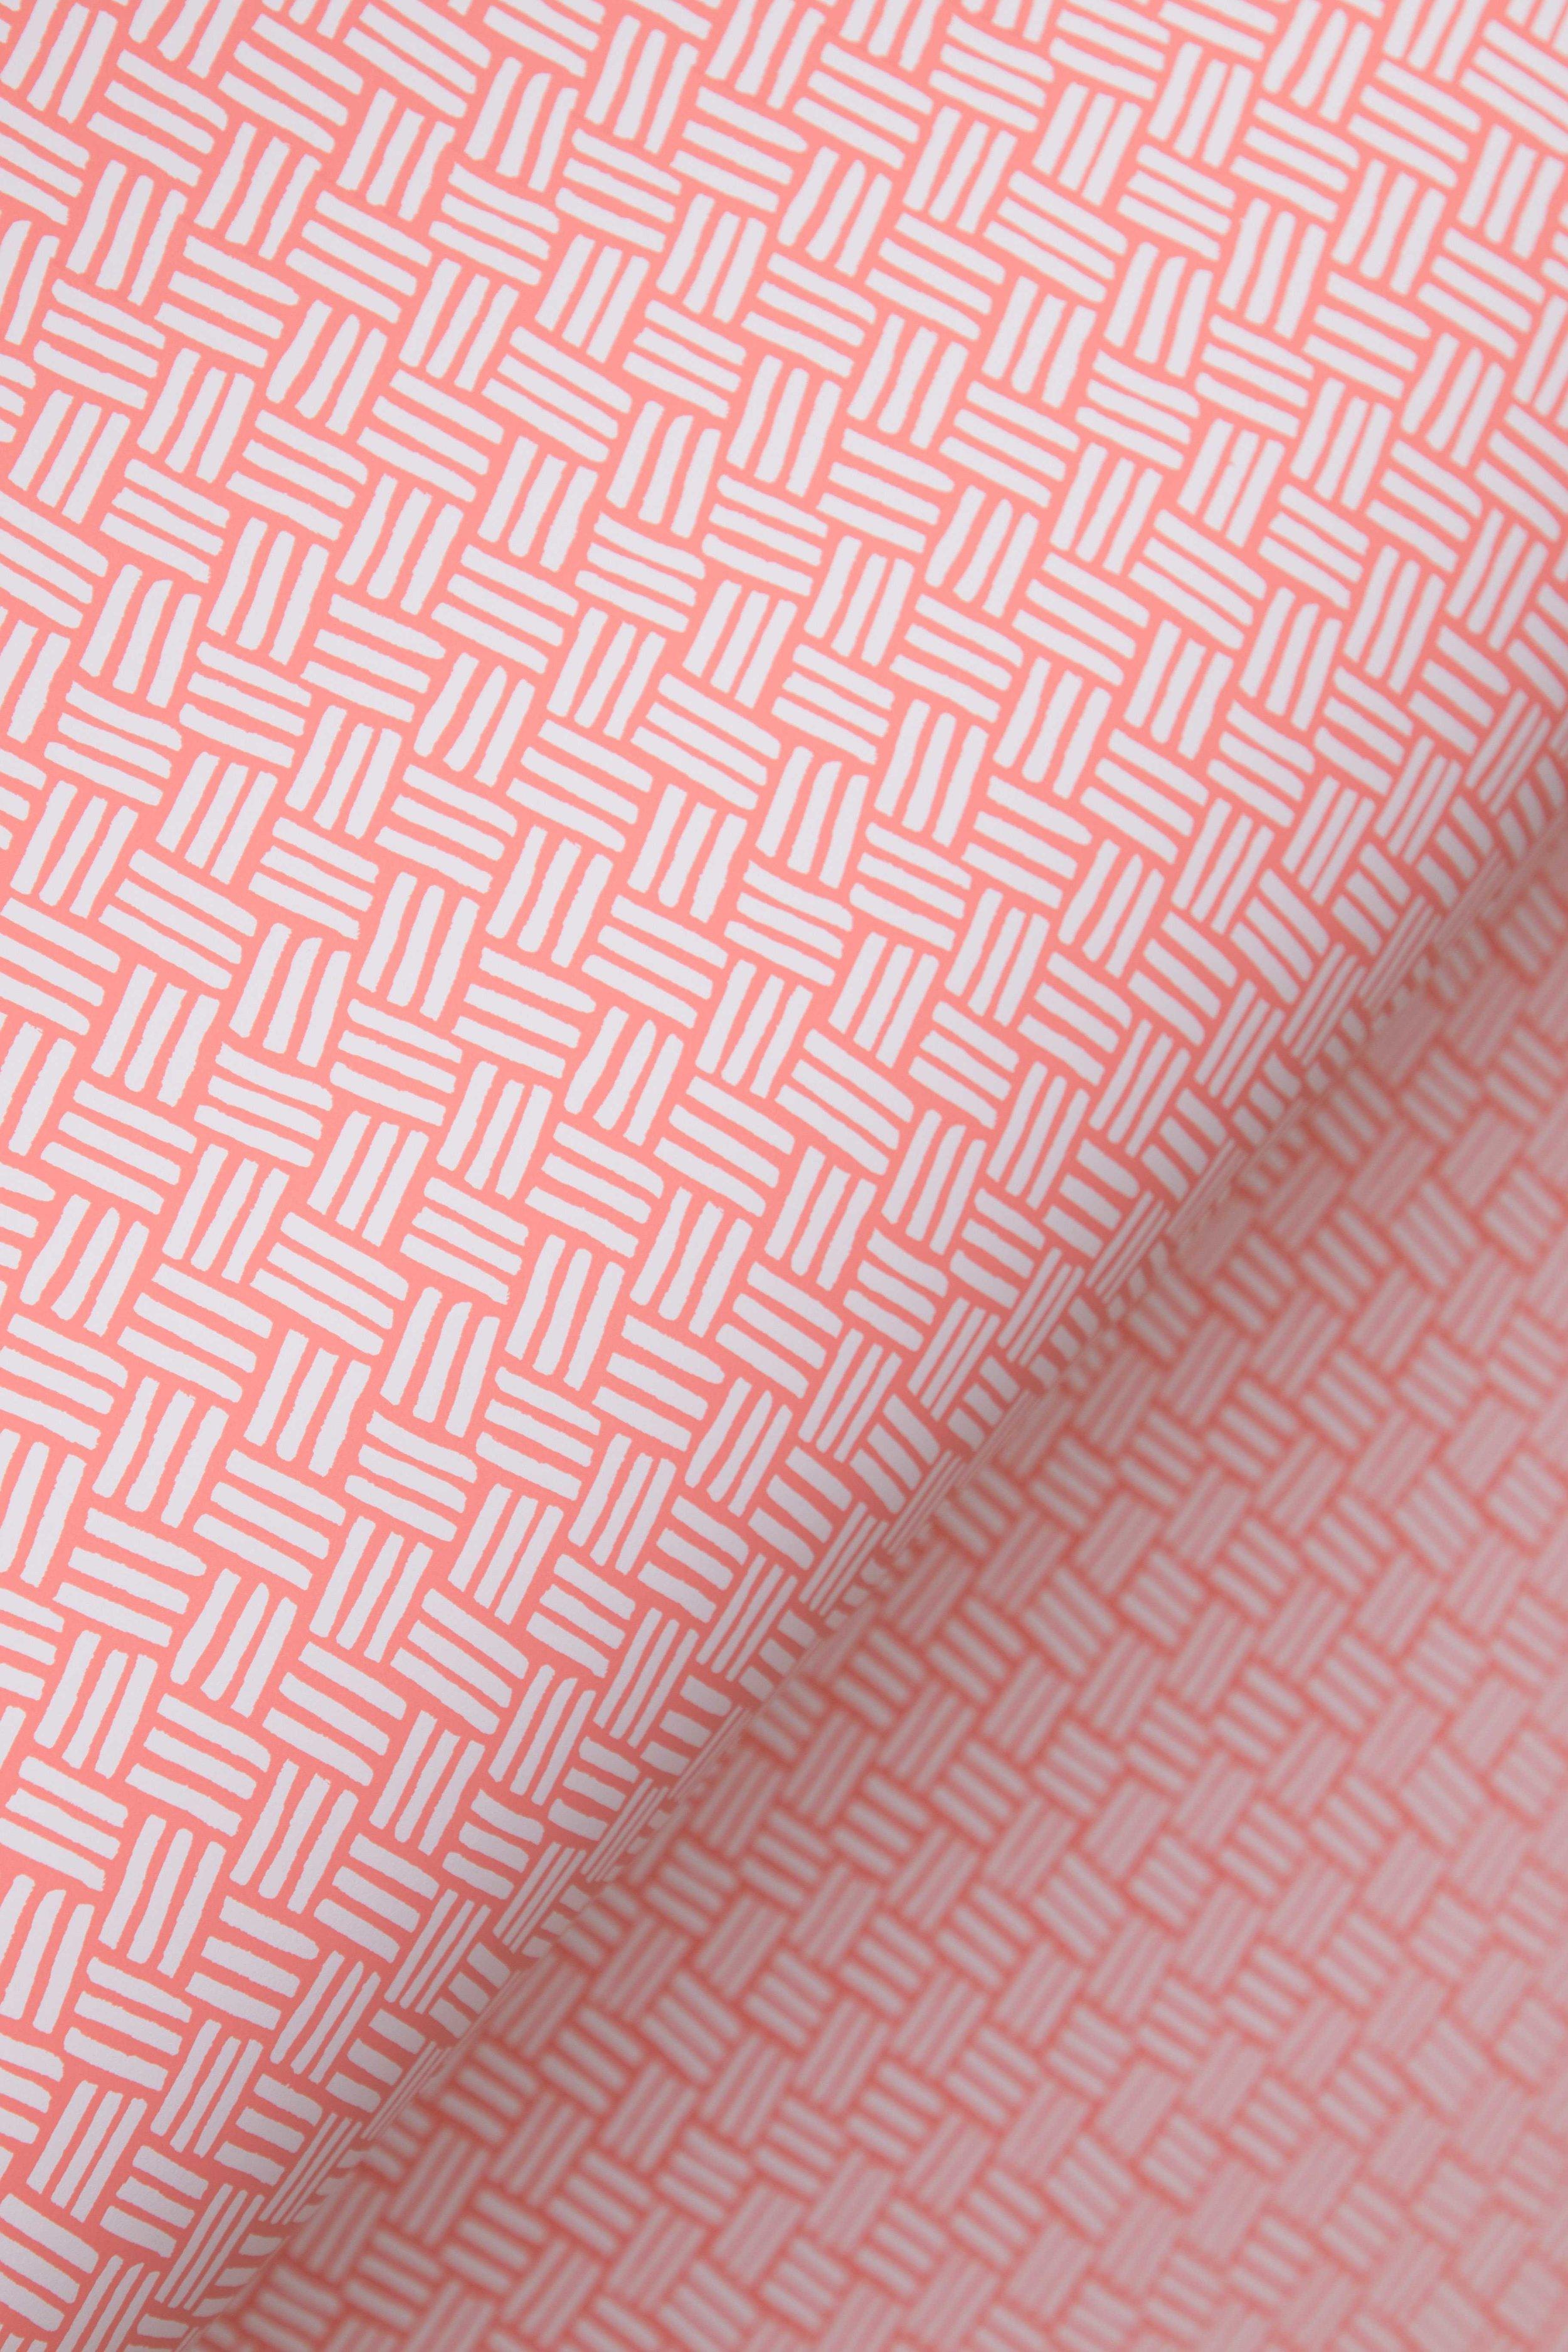 Basketweave Coral Pink, SL202-05